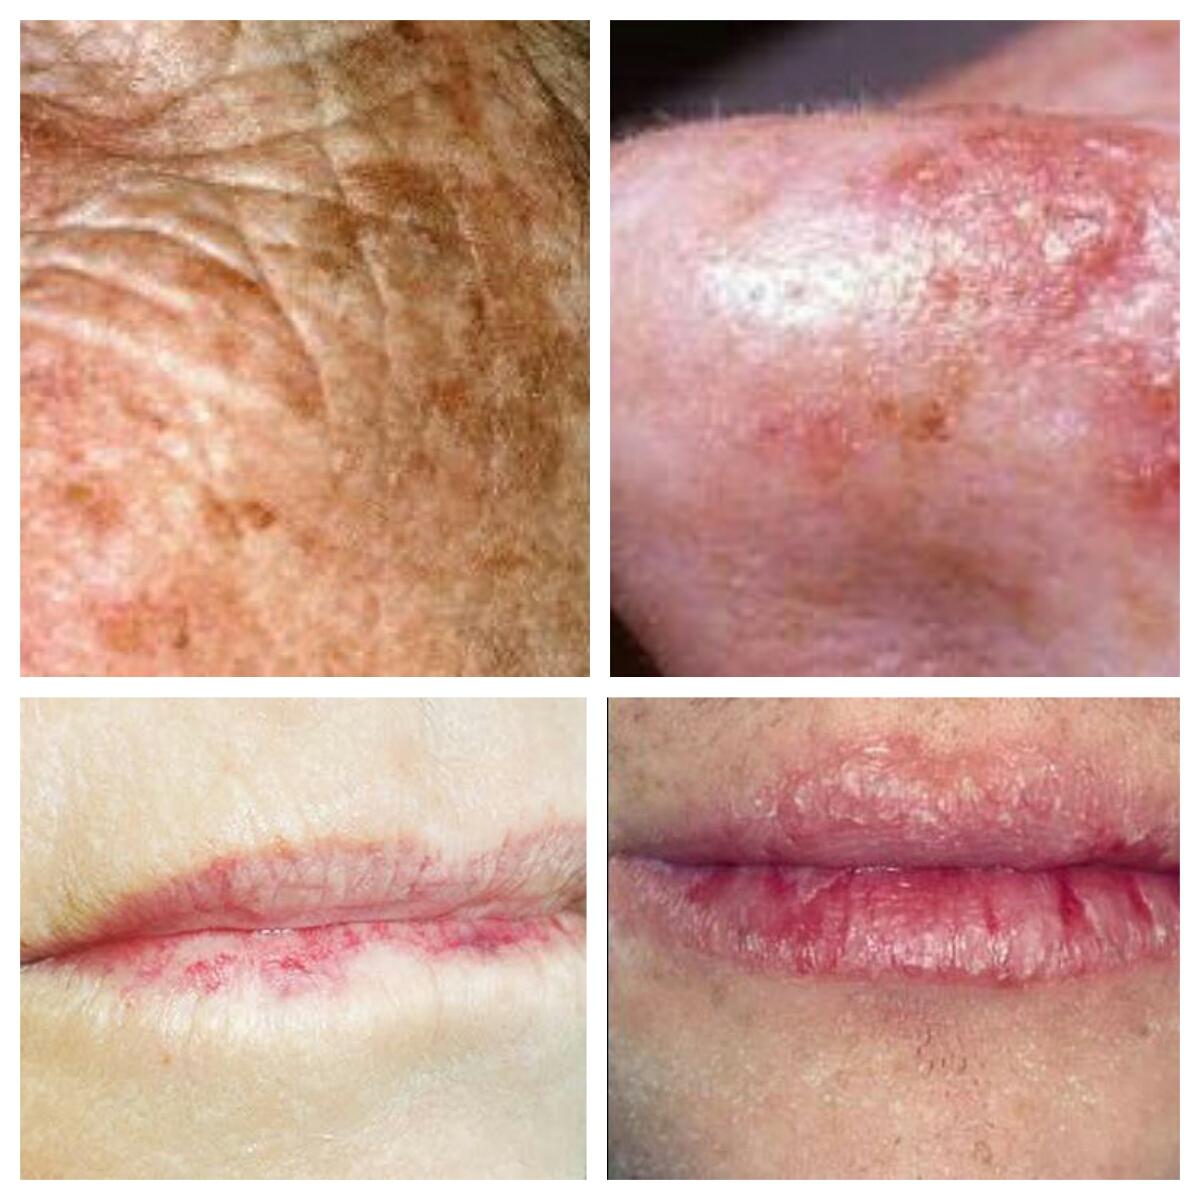 Från vä solskadad äldre hud. Näsa med cellförändringar. Läppar med pigmentskador.